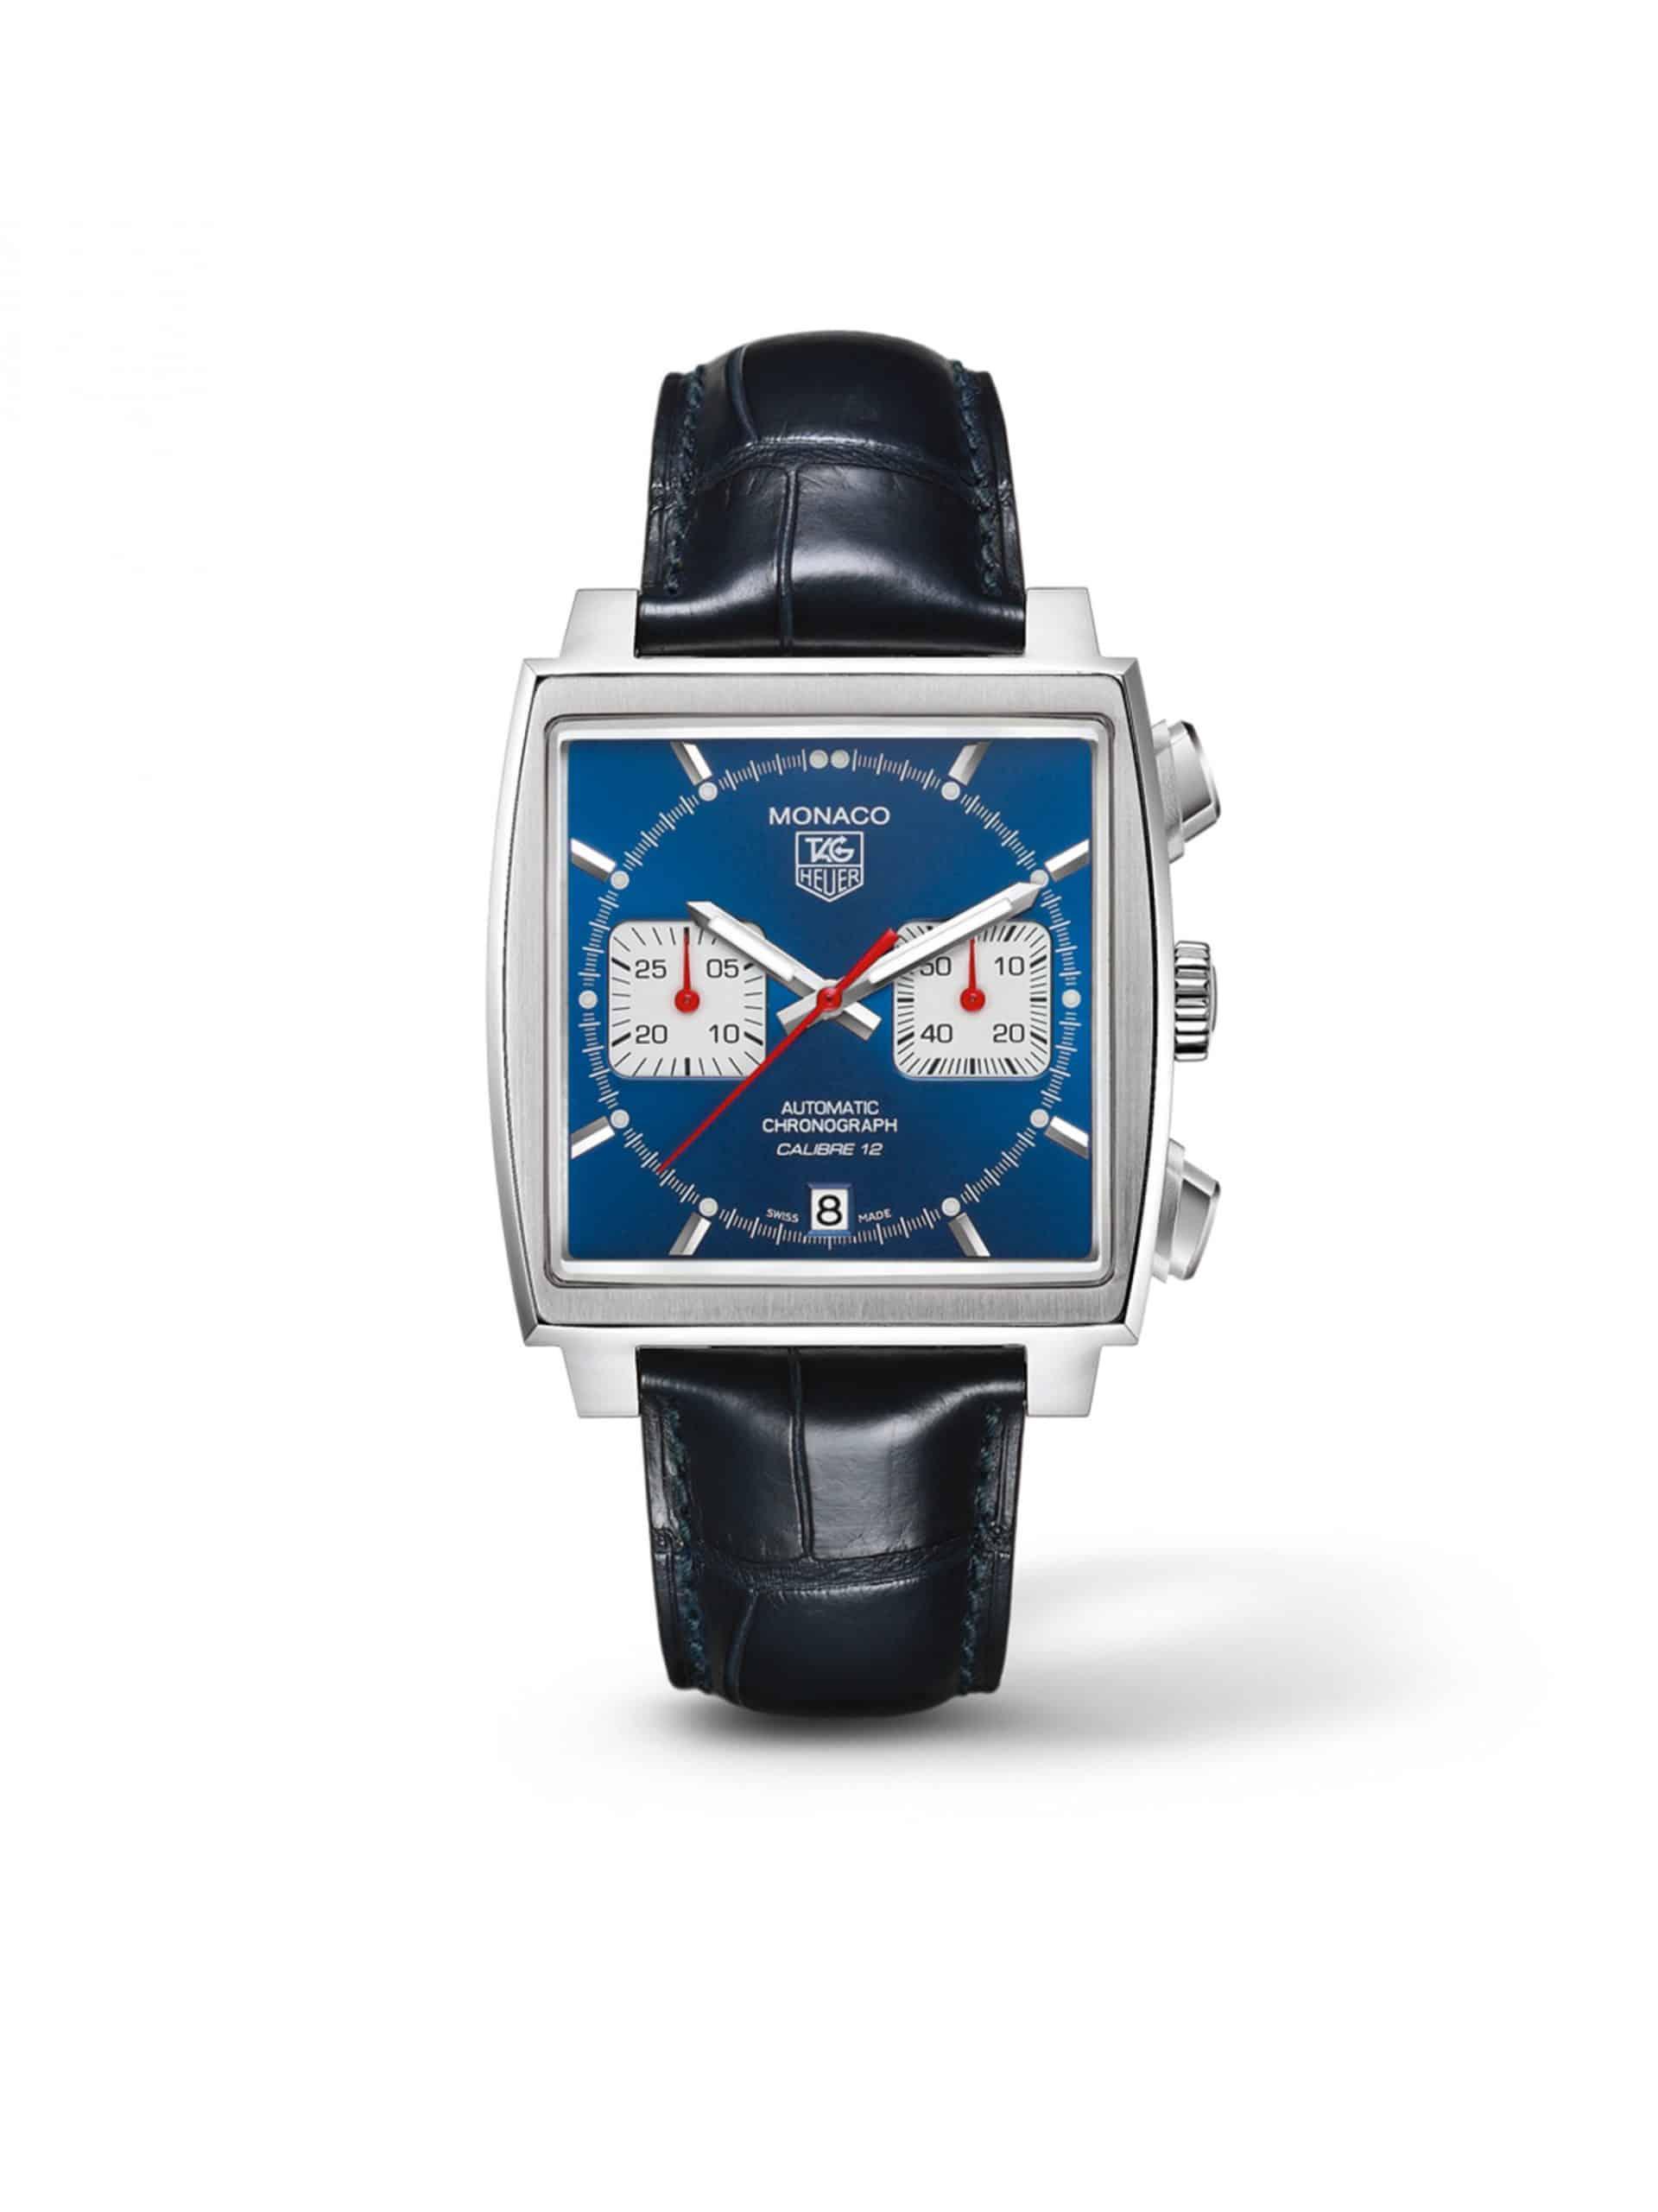 Robust, sportlich und mit Totalisatoren für Stopp-Funktionen ausgestattet. Der Uhrenklassiker TAG-Heuer Monaco Kaliber12, sie kostet in Stahl Preis-5050-Euro.